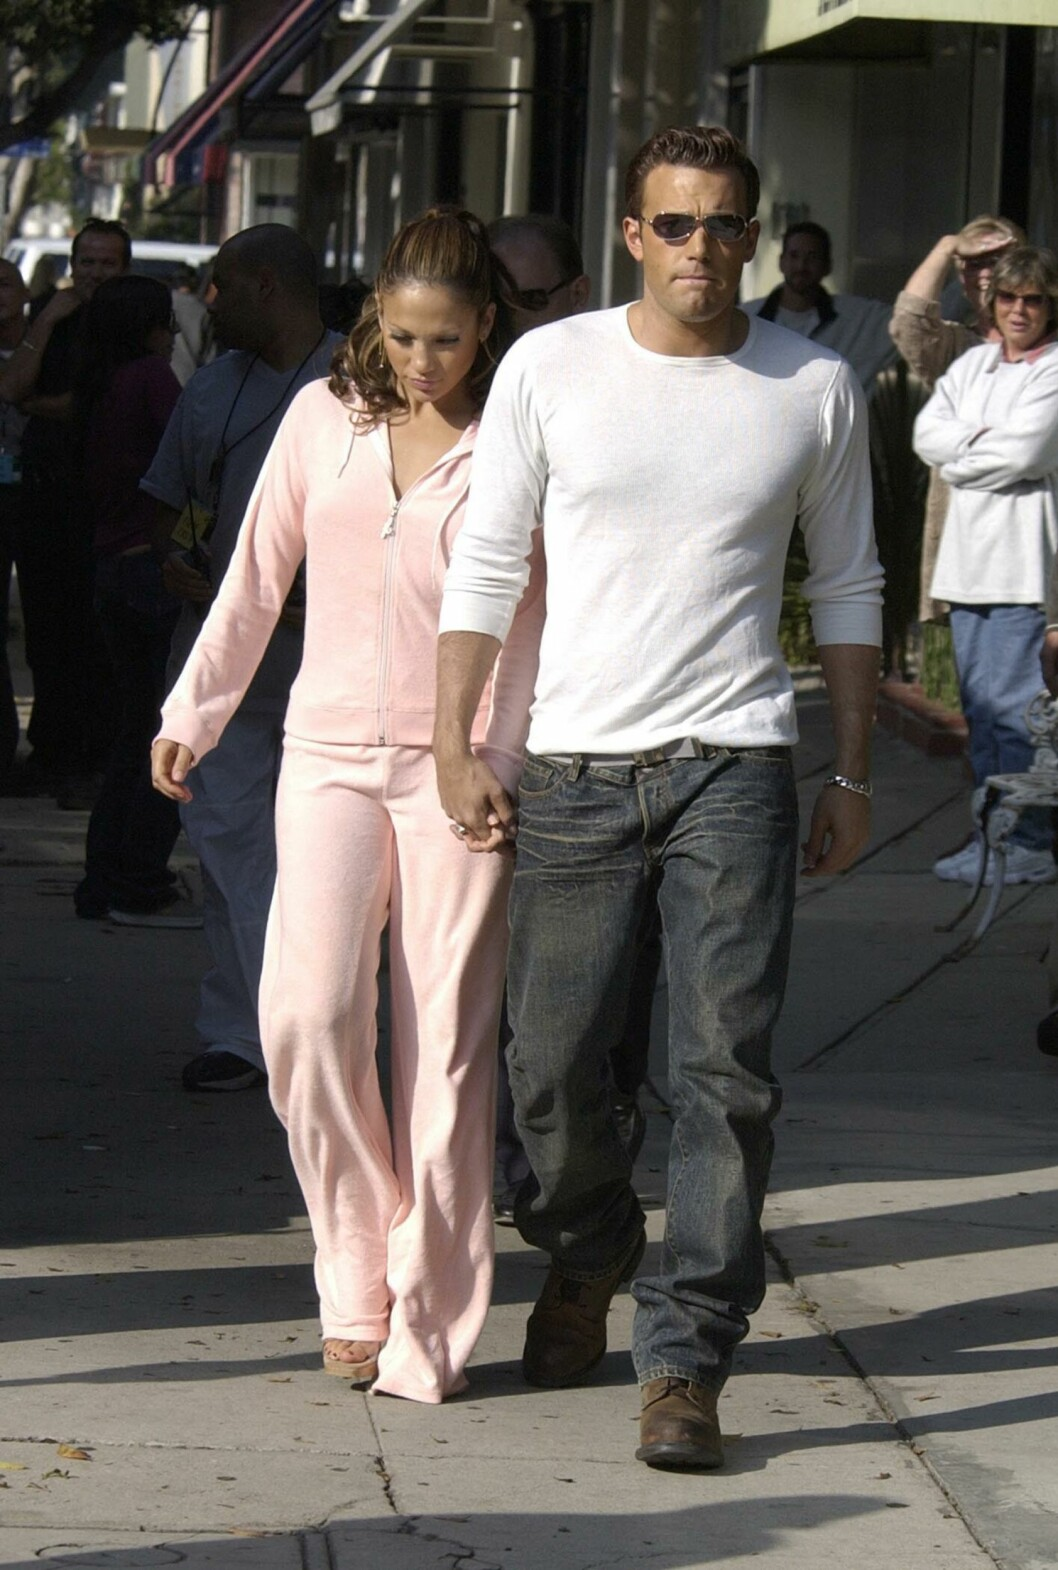 BRØT FORLOVELSEN: Ben Affleck og Jennifer Lopez møtte hverandre under innspillingen av filmen «Gigly» og var sammen i et og et halvt år.  Foto: Splash News/ All Over Press